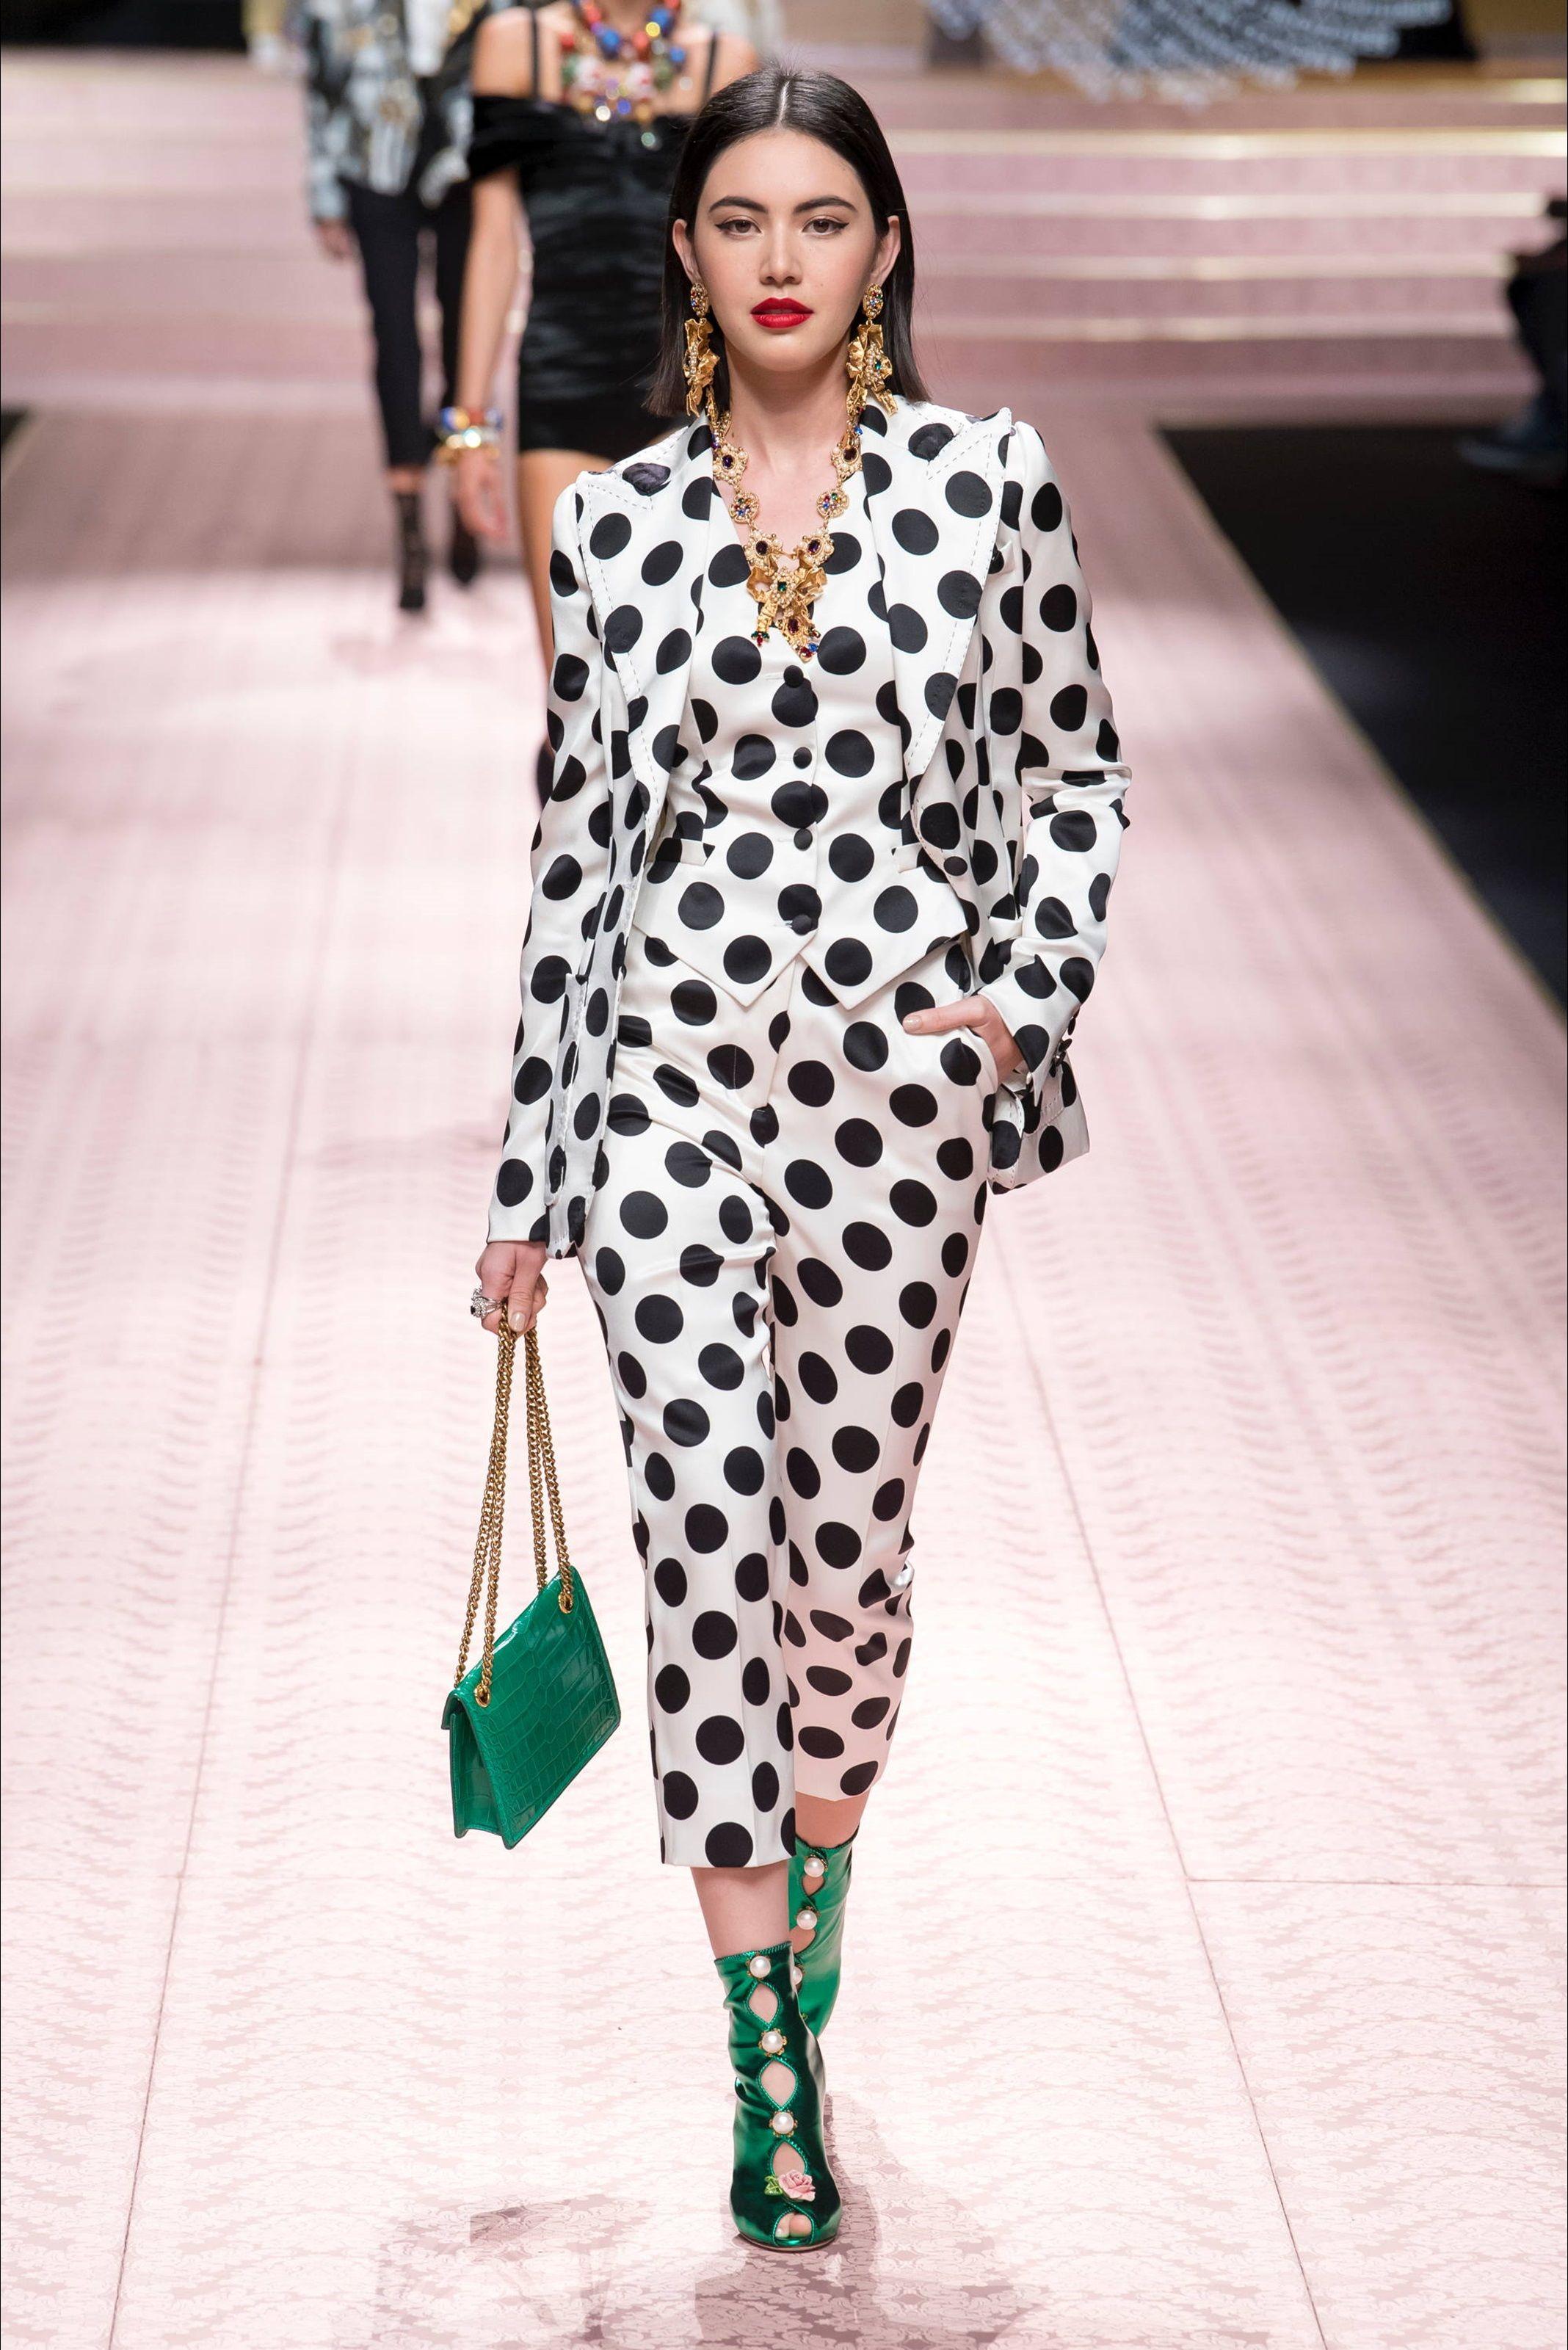 Sfilata Dolce   Gabbana Milano - Collezioni Primavera Estate 2019 - Vogue ee36aaf04f5